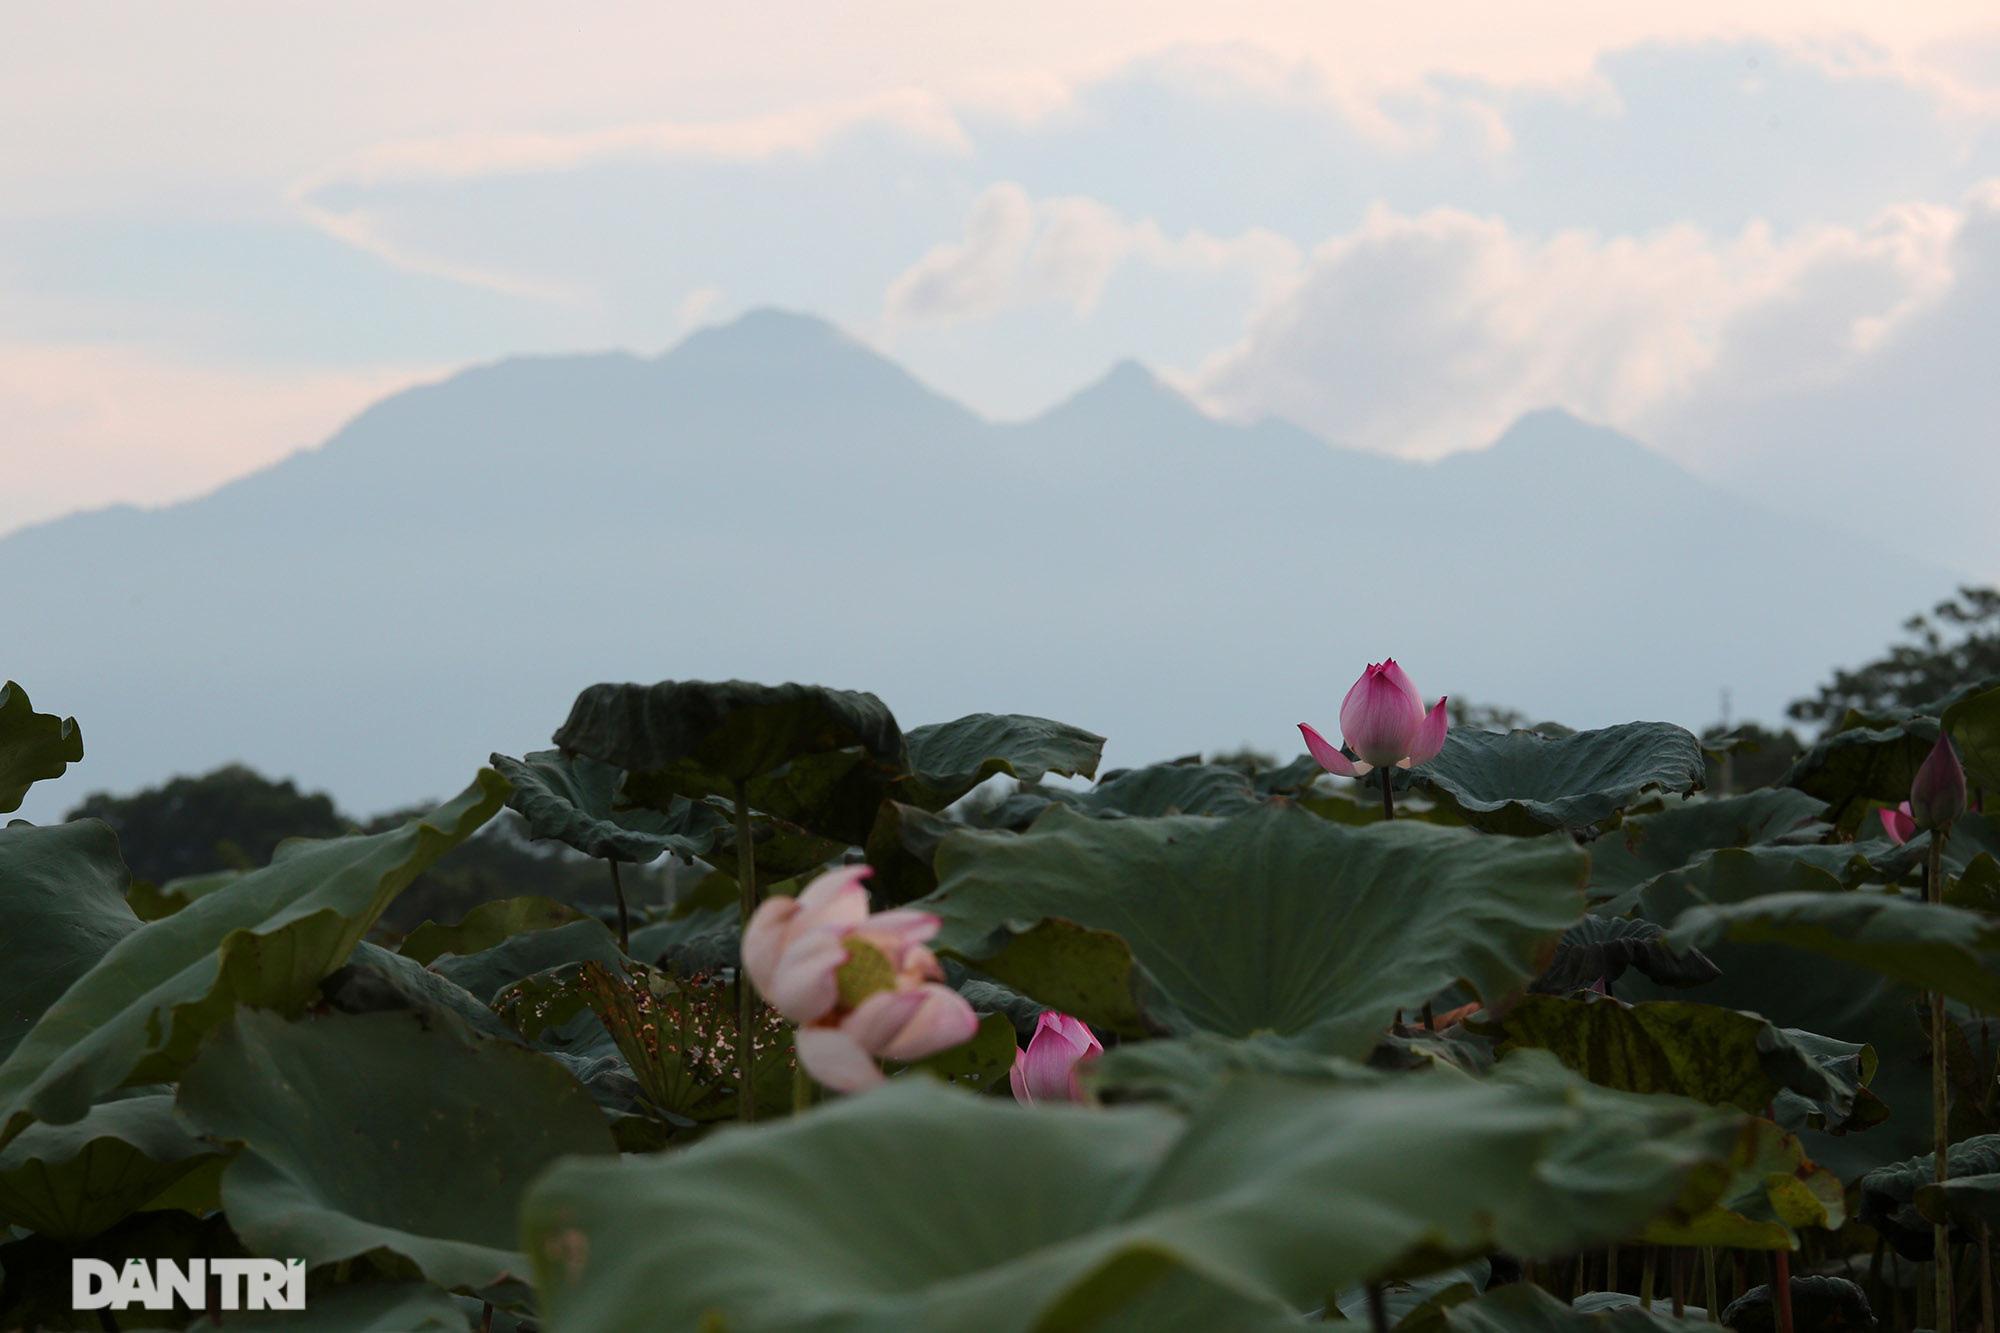 Núi thiêng gần Hà Nội đẹp mê mải nhìn từ muôn phương tám hướng - Ảnh 6.